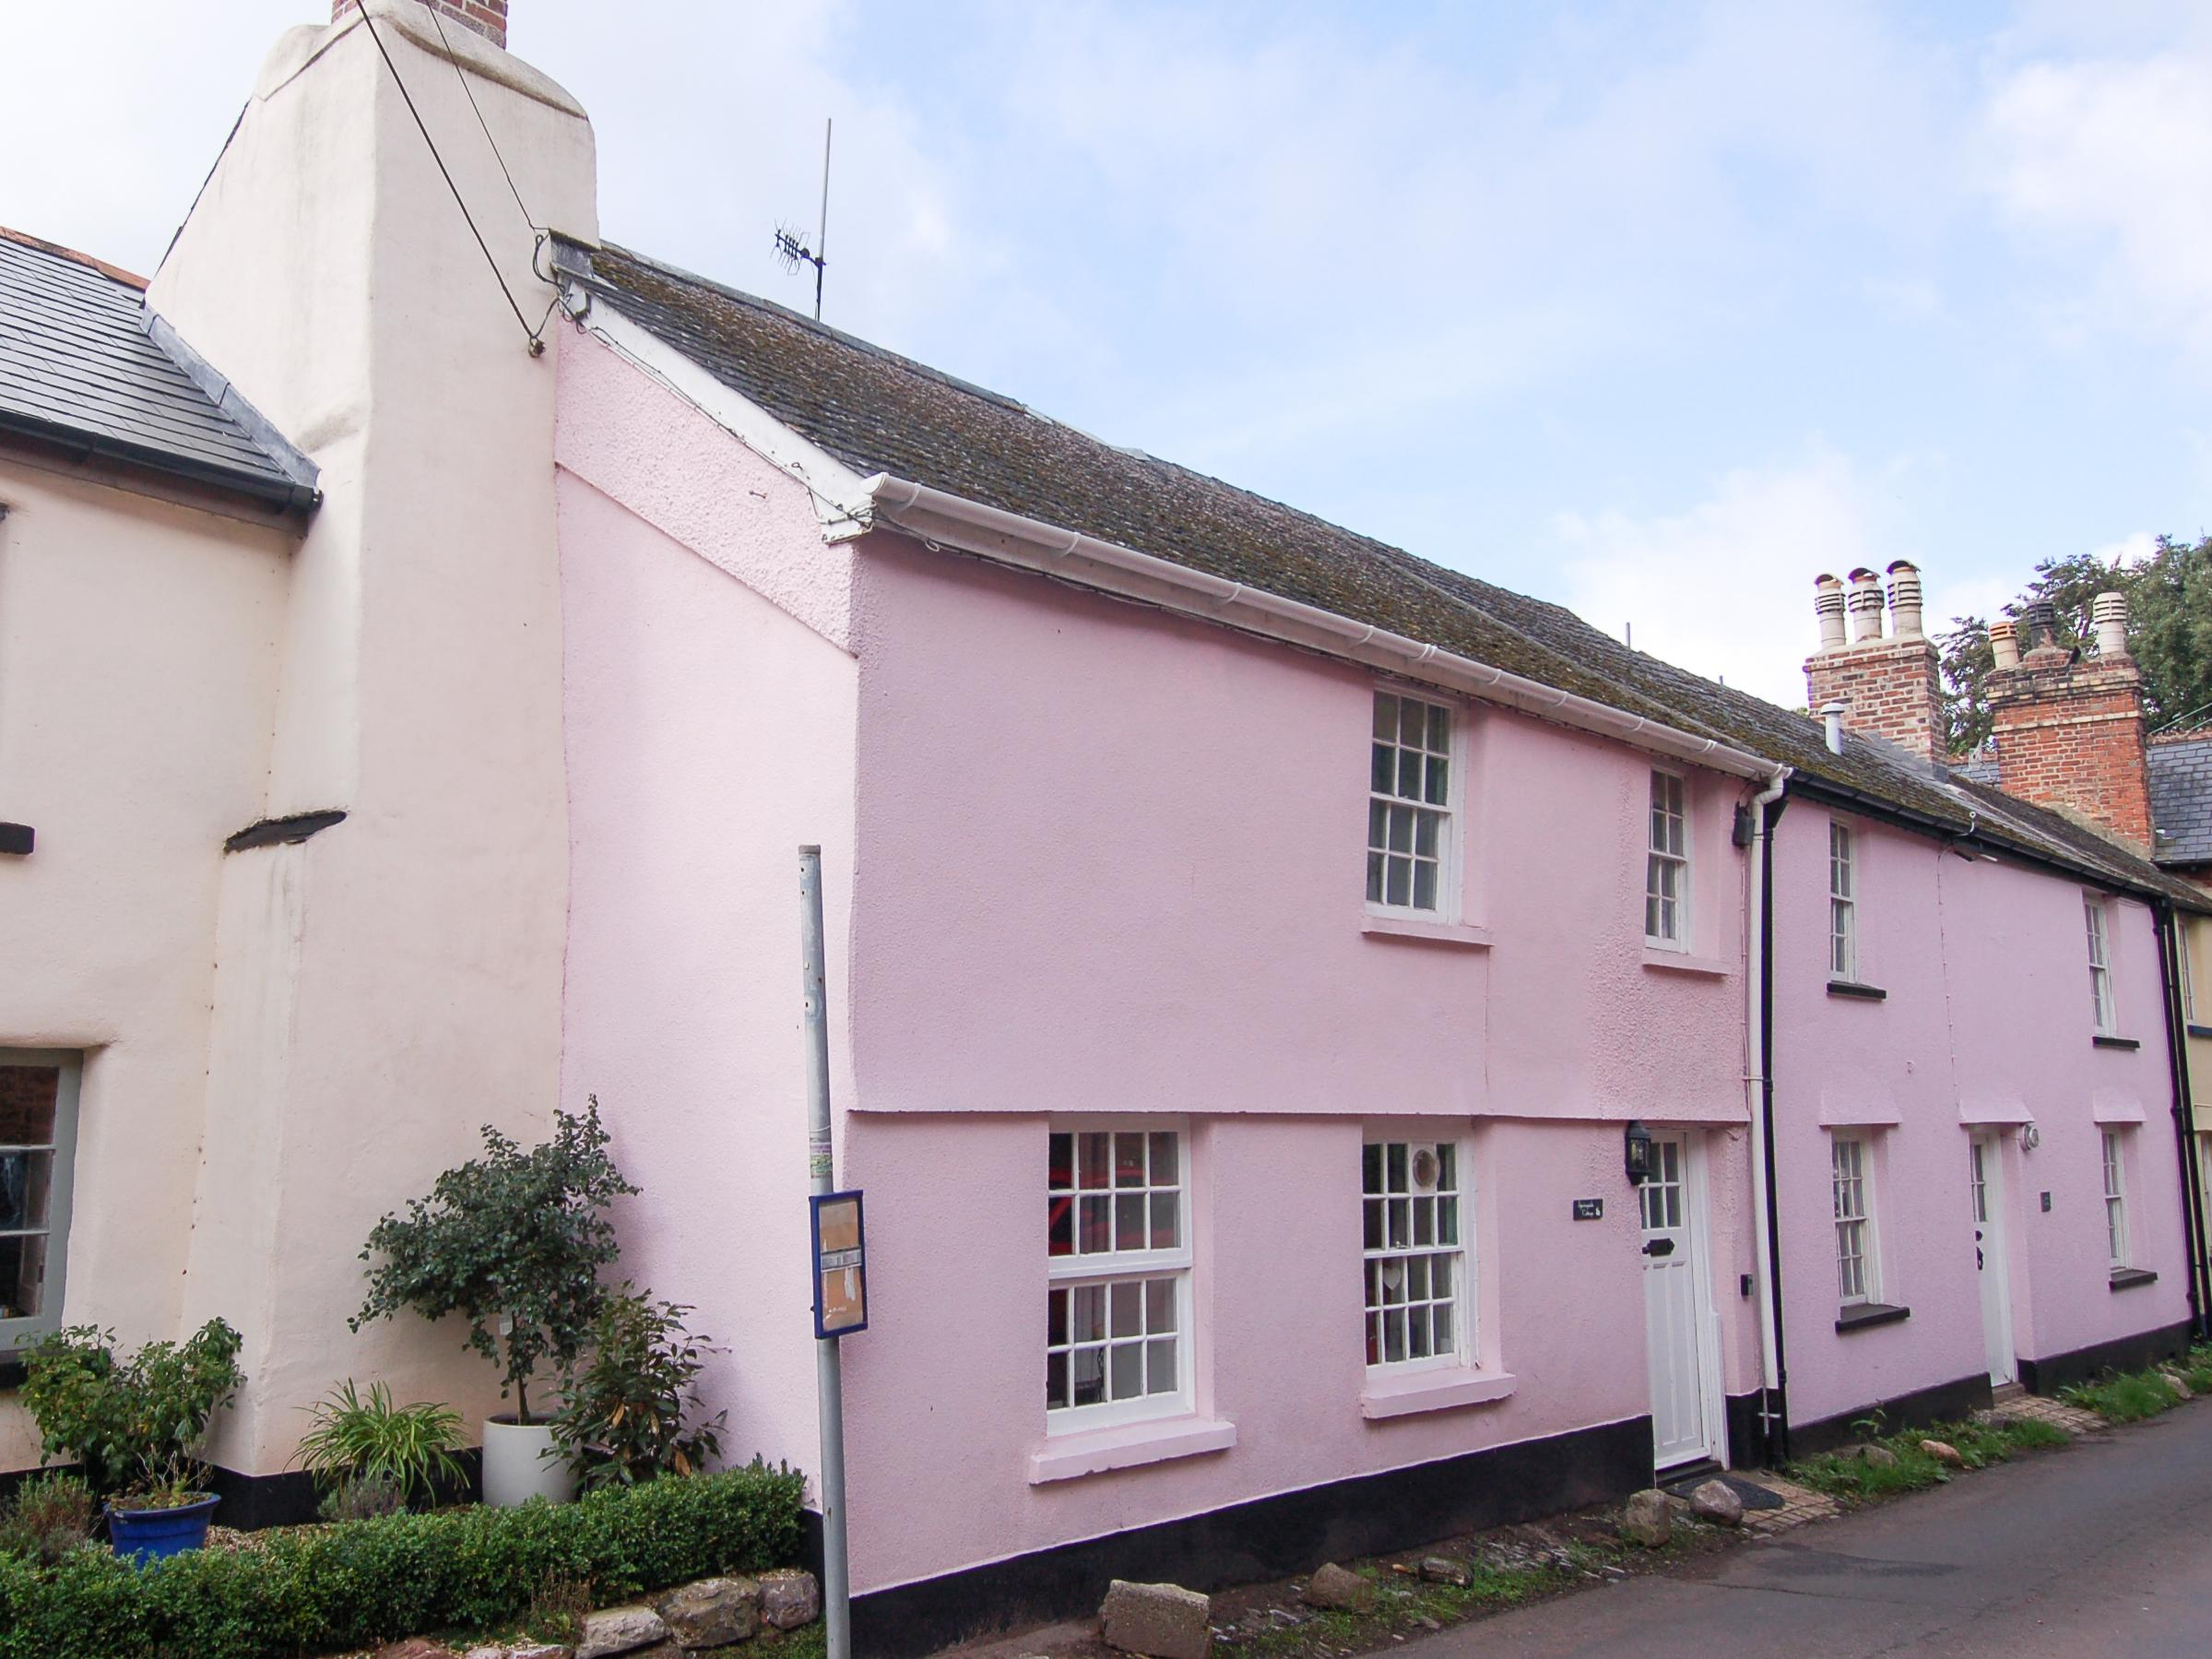 Springside Cottage